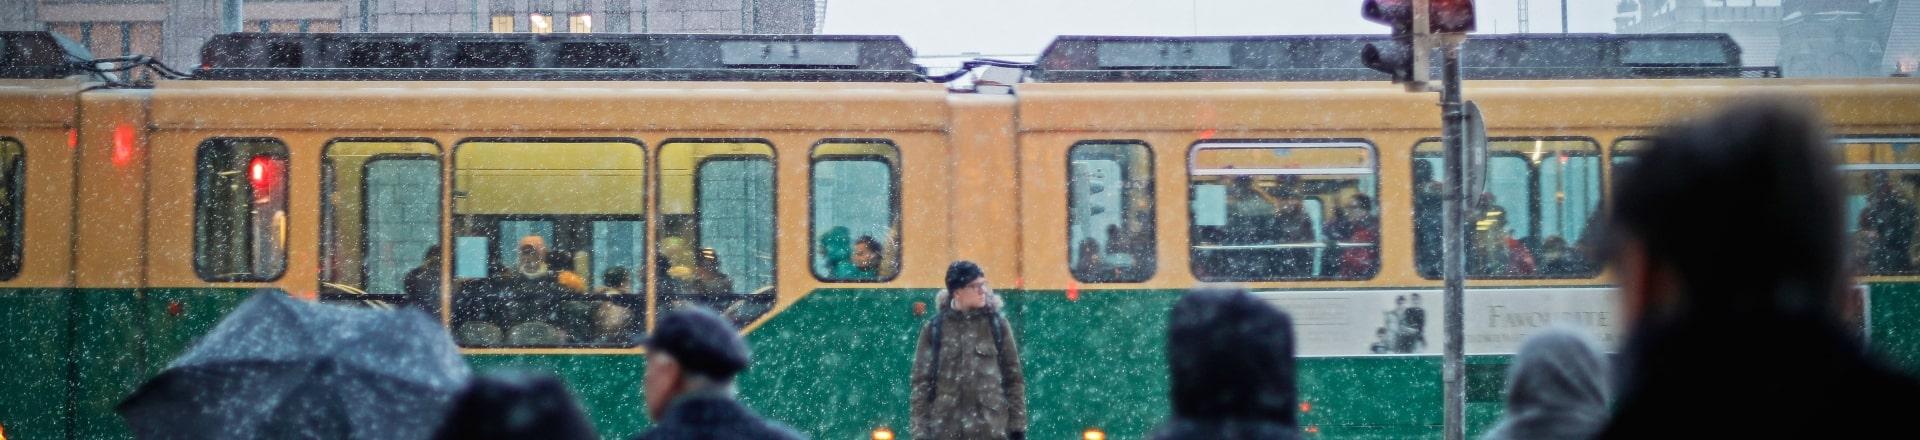 Helsinki Tram Ride